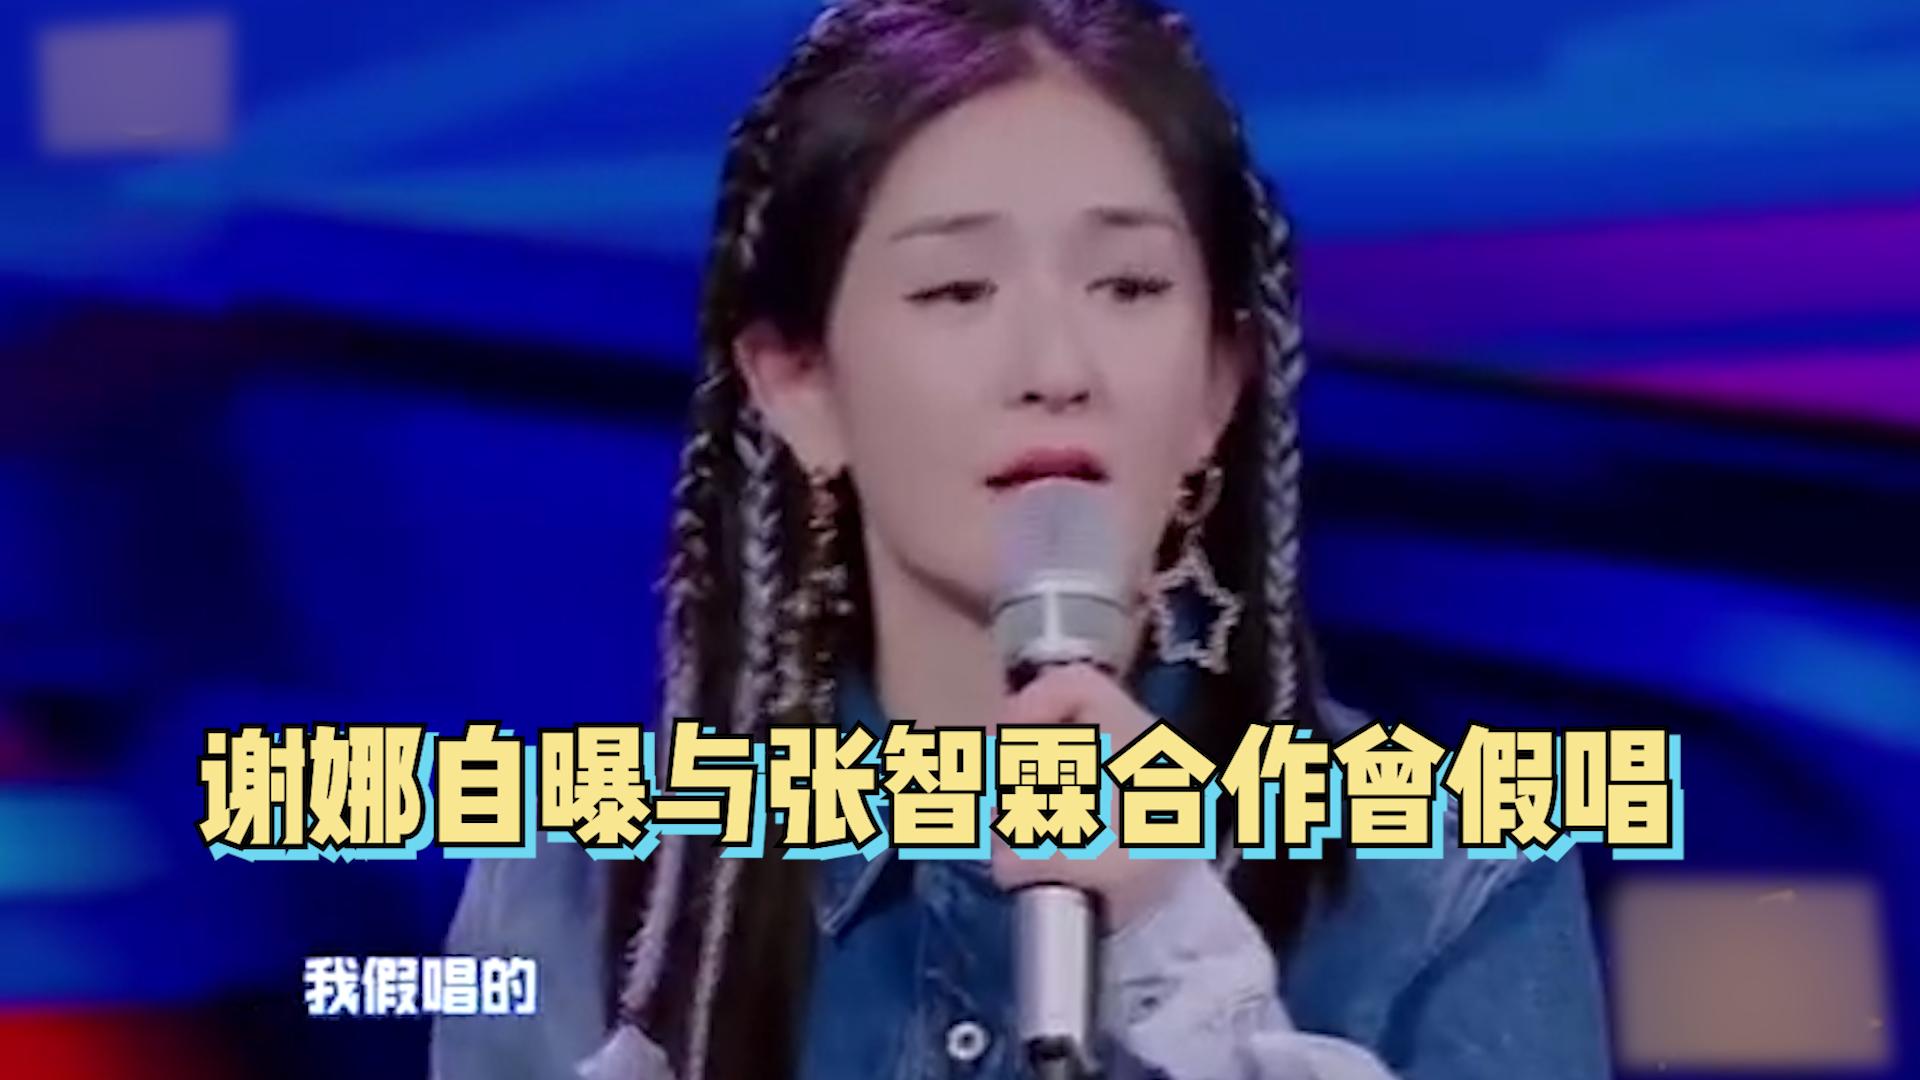 谢娜自曝与张智霖合作曾假唱:粤语对嘴表情到位,开口便漏洞百出